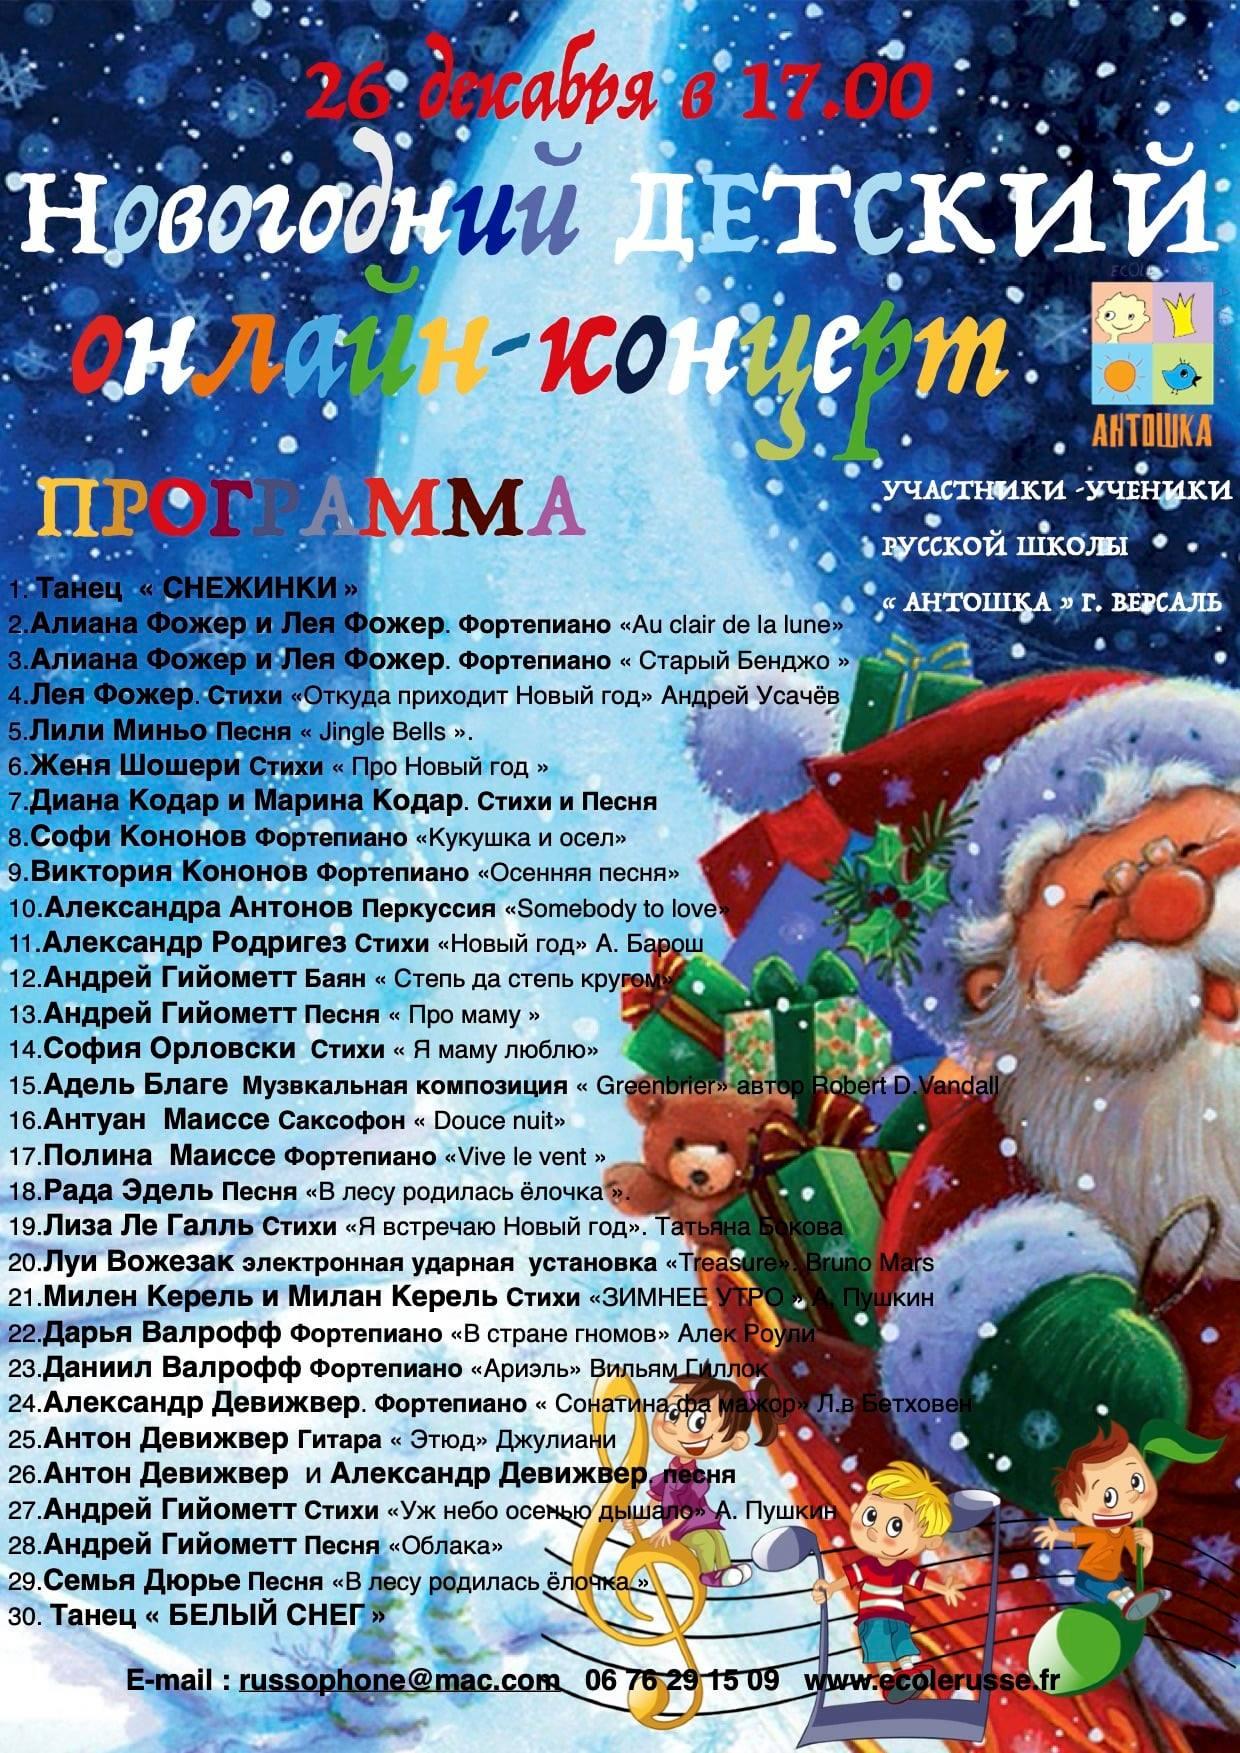 Новогодний детский онлайн концерт 26.12.2020